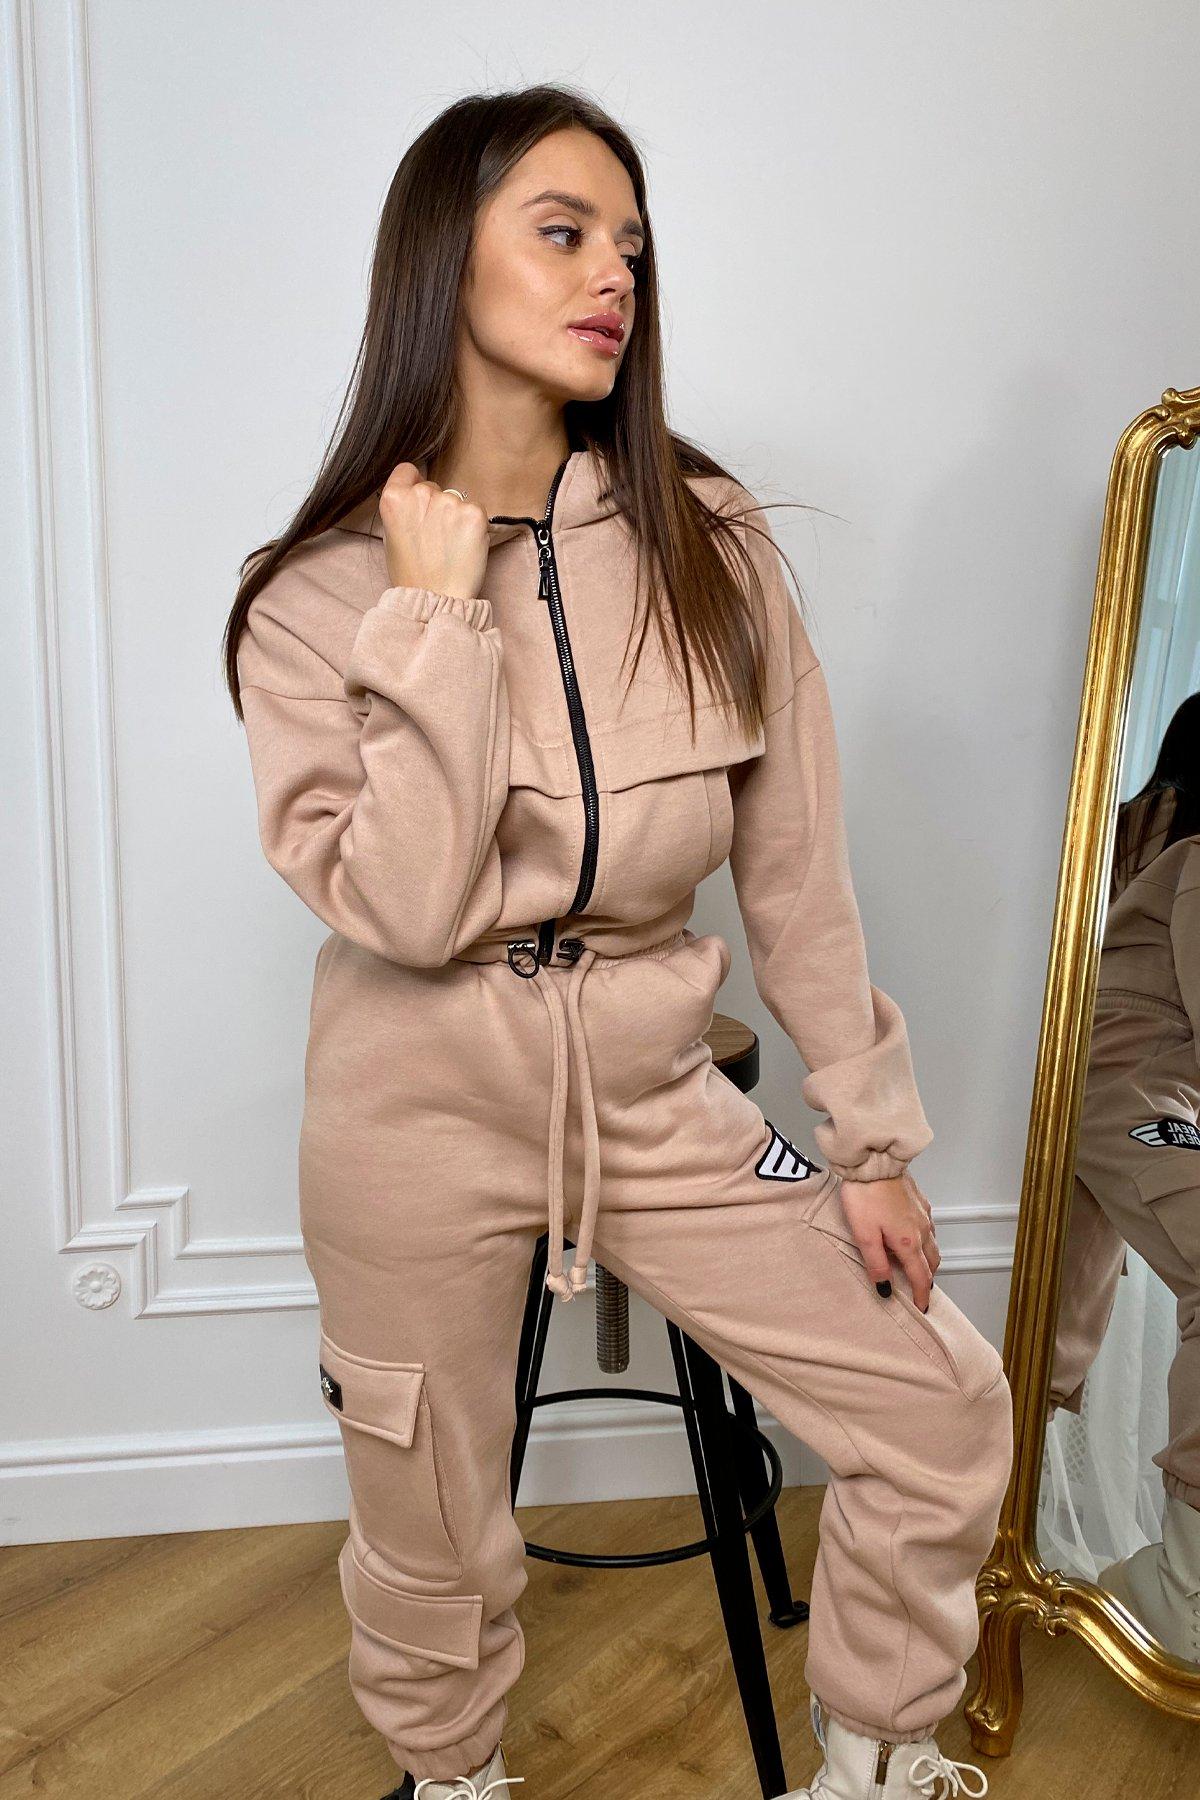 Кьюи  прогулочный костю 3х нитка с начесом 9933 АРТ. 46257 Цвет: Бежевый - фото 7, интернет магазин tm-modus.ru